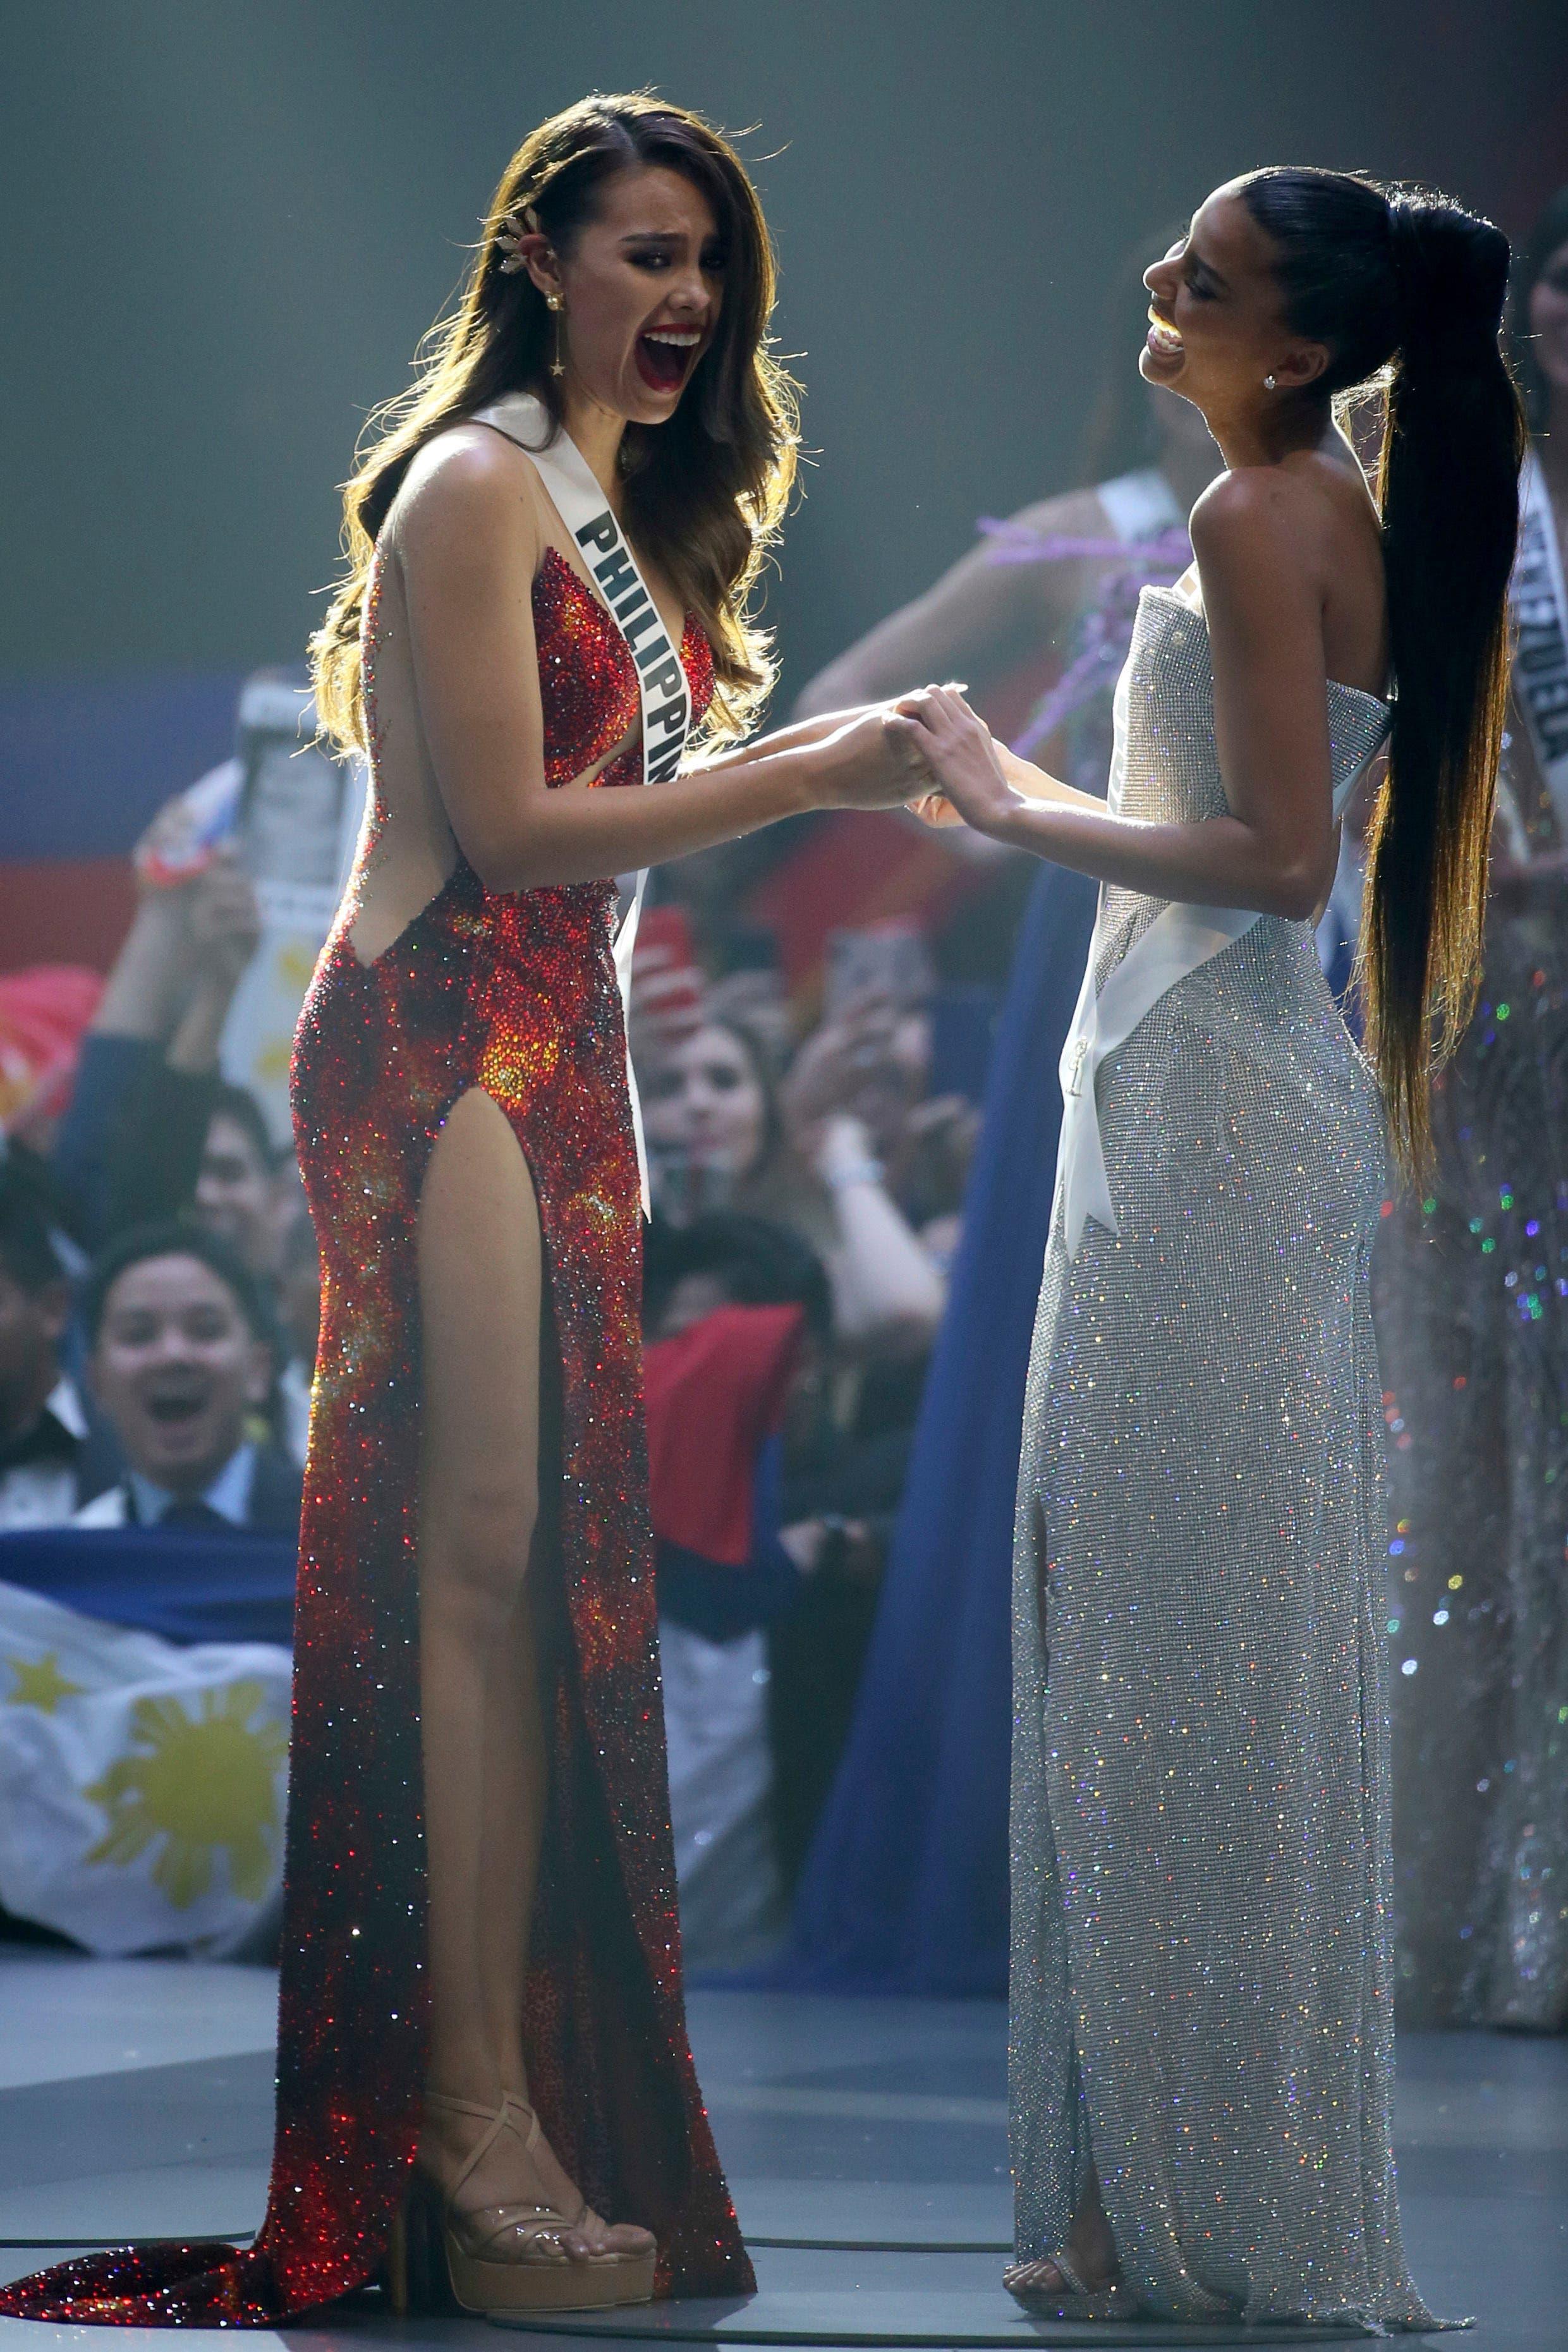 1. Miss Filipinas Catriona Gray, izquierda, y Miss Sudáfrica Tamaryn Green, reaccionan después de que se anunciara a Gray como ganadora de Miss Universo 2018 en la 67a edición de Miss Universo en Bangkok, Tailandia, el 17 de diciembre de 2018. (Foto AP/Gemunu Amarasinghe)